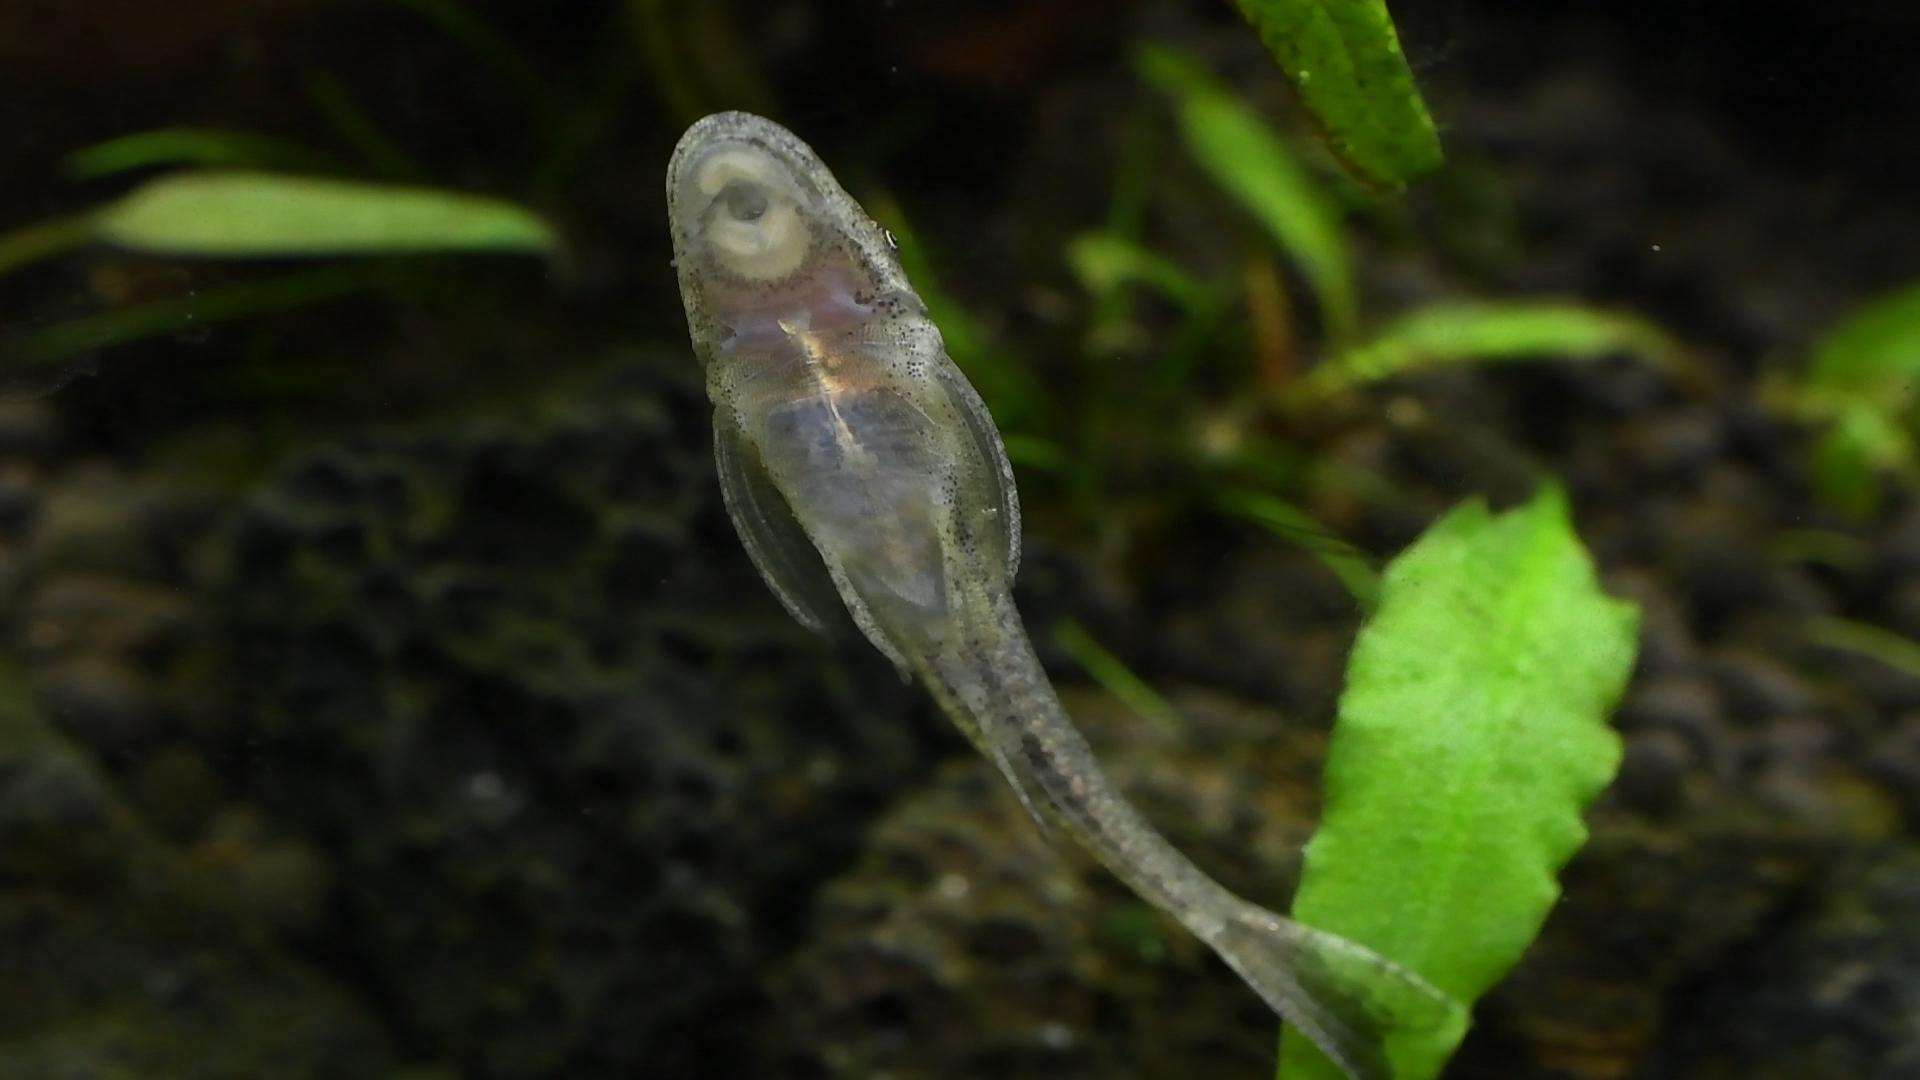 熱帯魚紹介:何が違う?オトシンクルスとオトシンネグロ